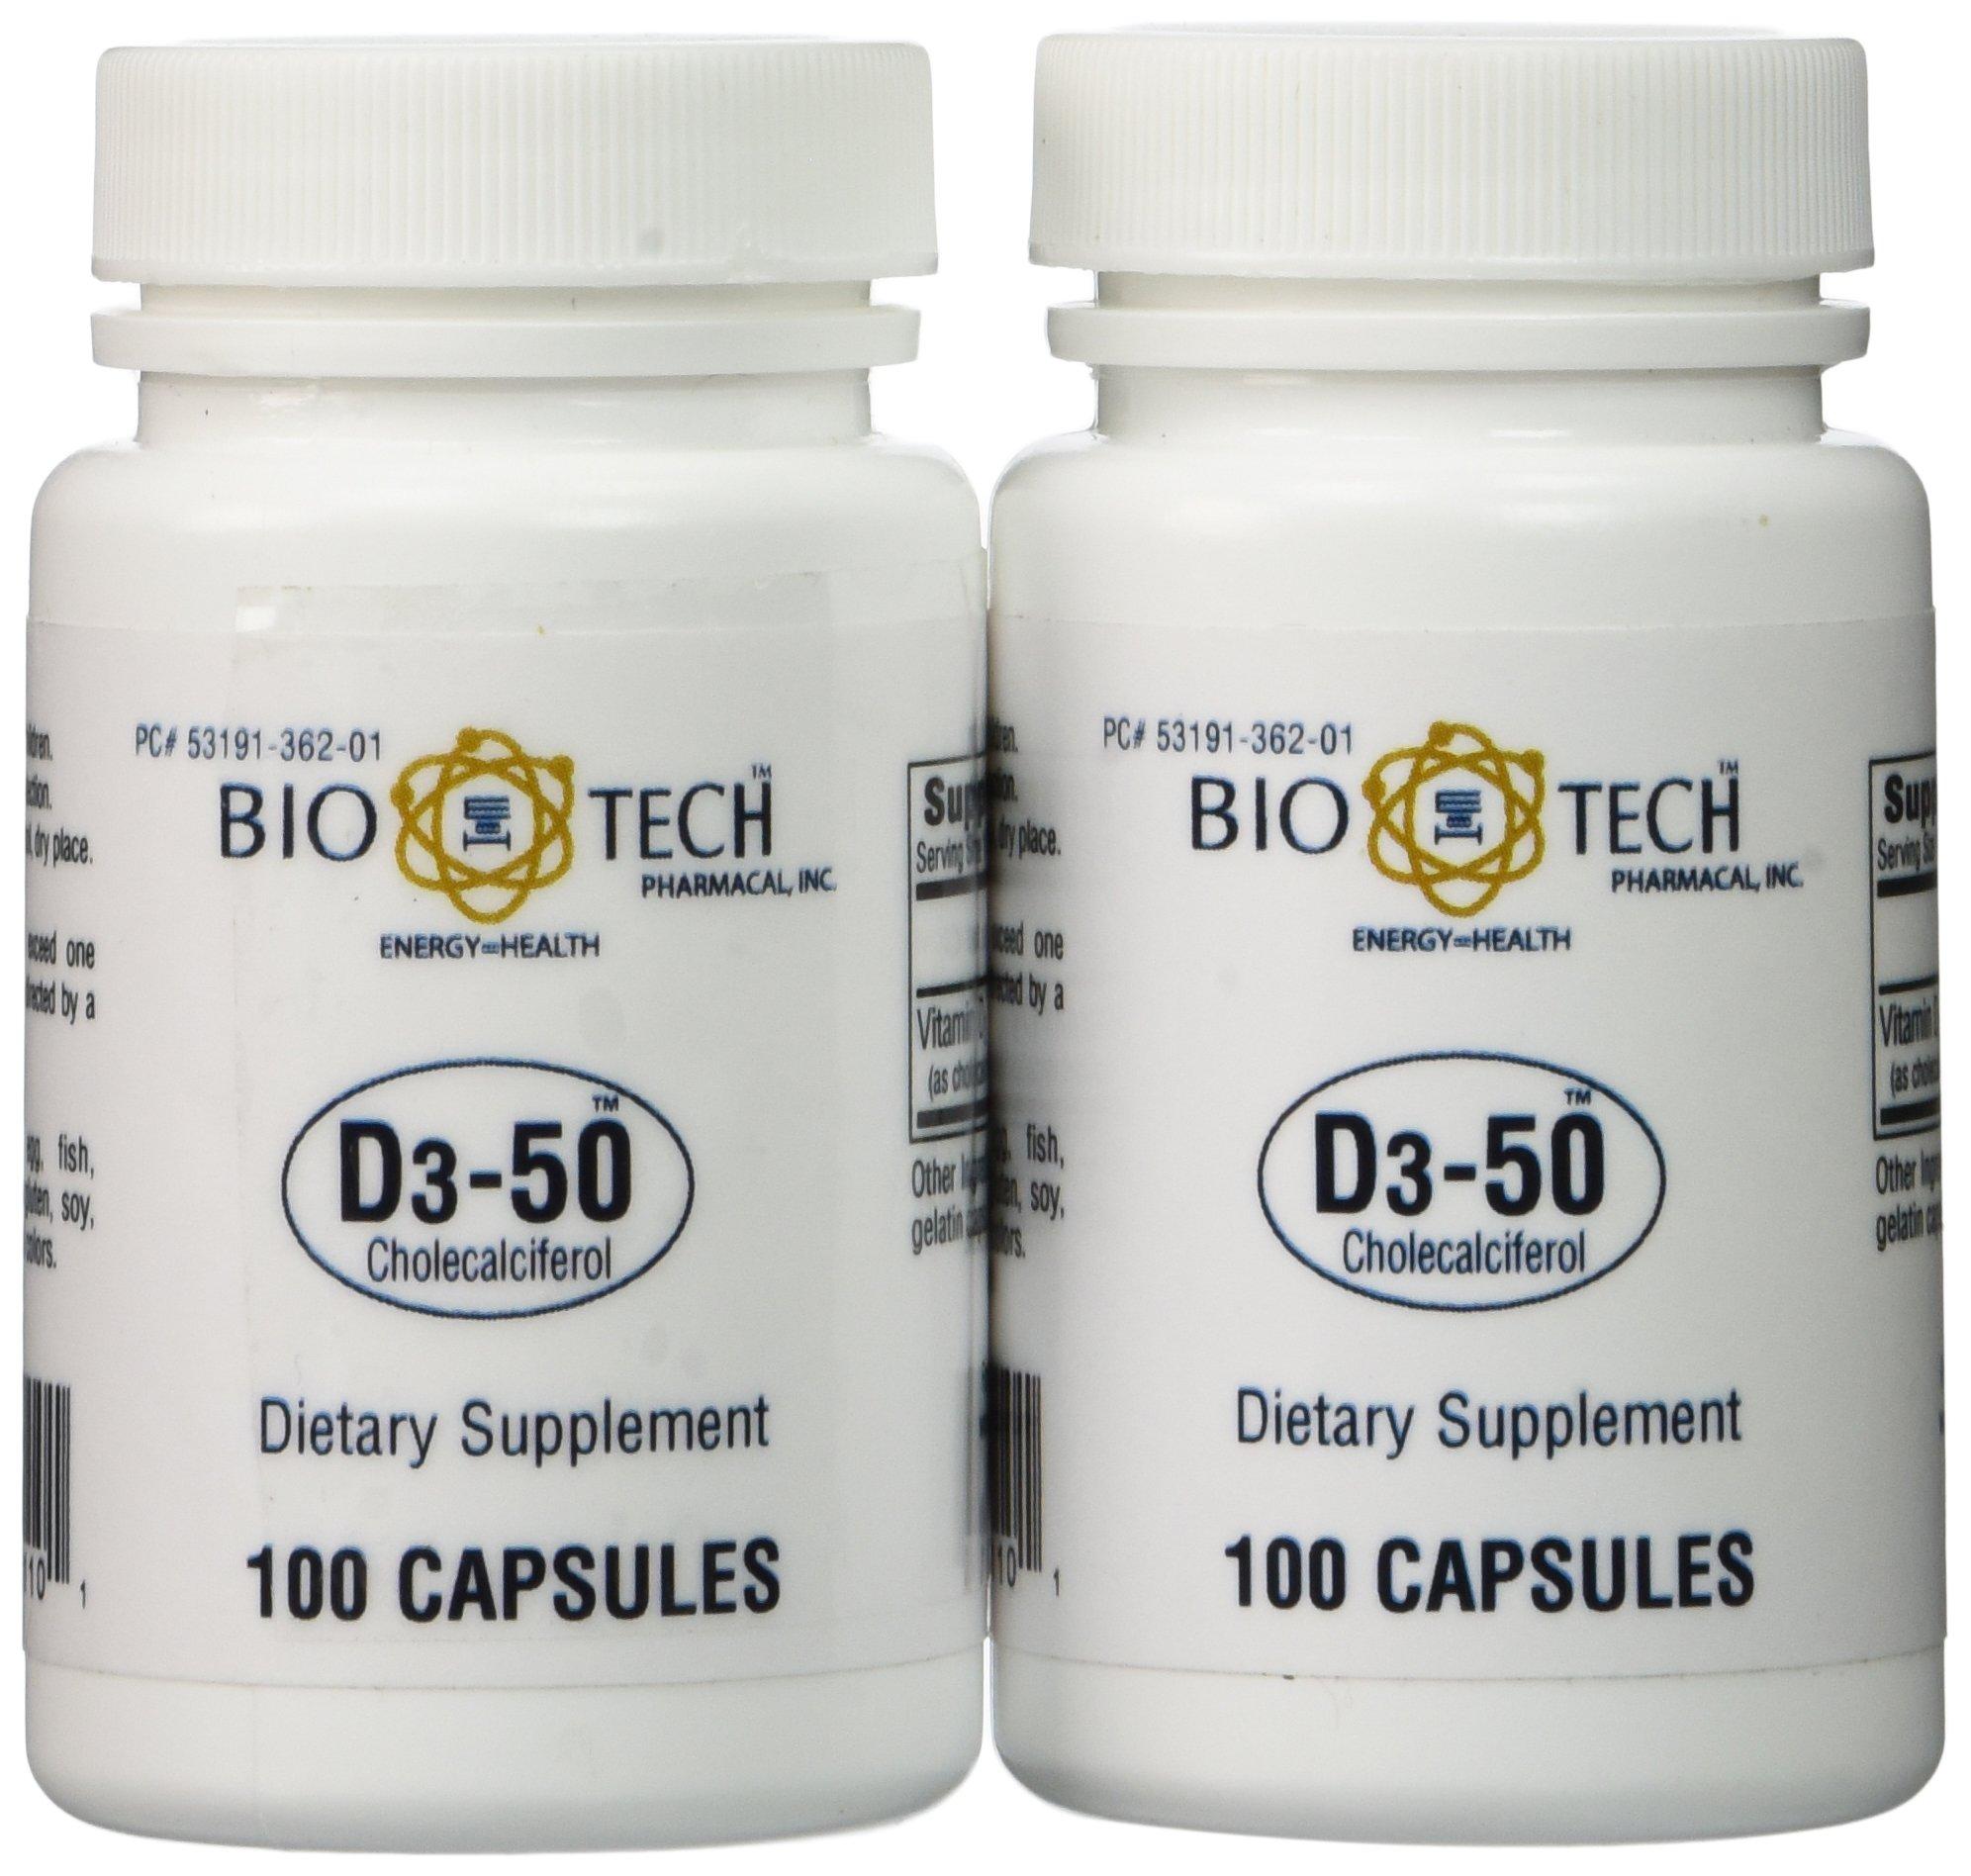 Bio-Tech - D3-50 50,000 IU, 100 Capsules (Pack of 2)